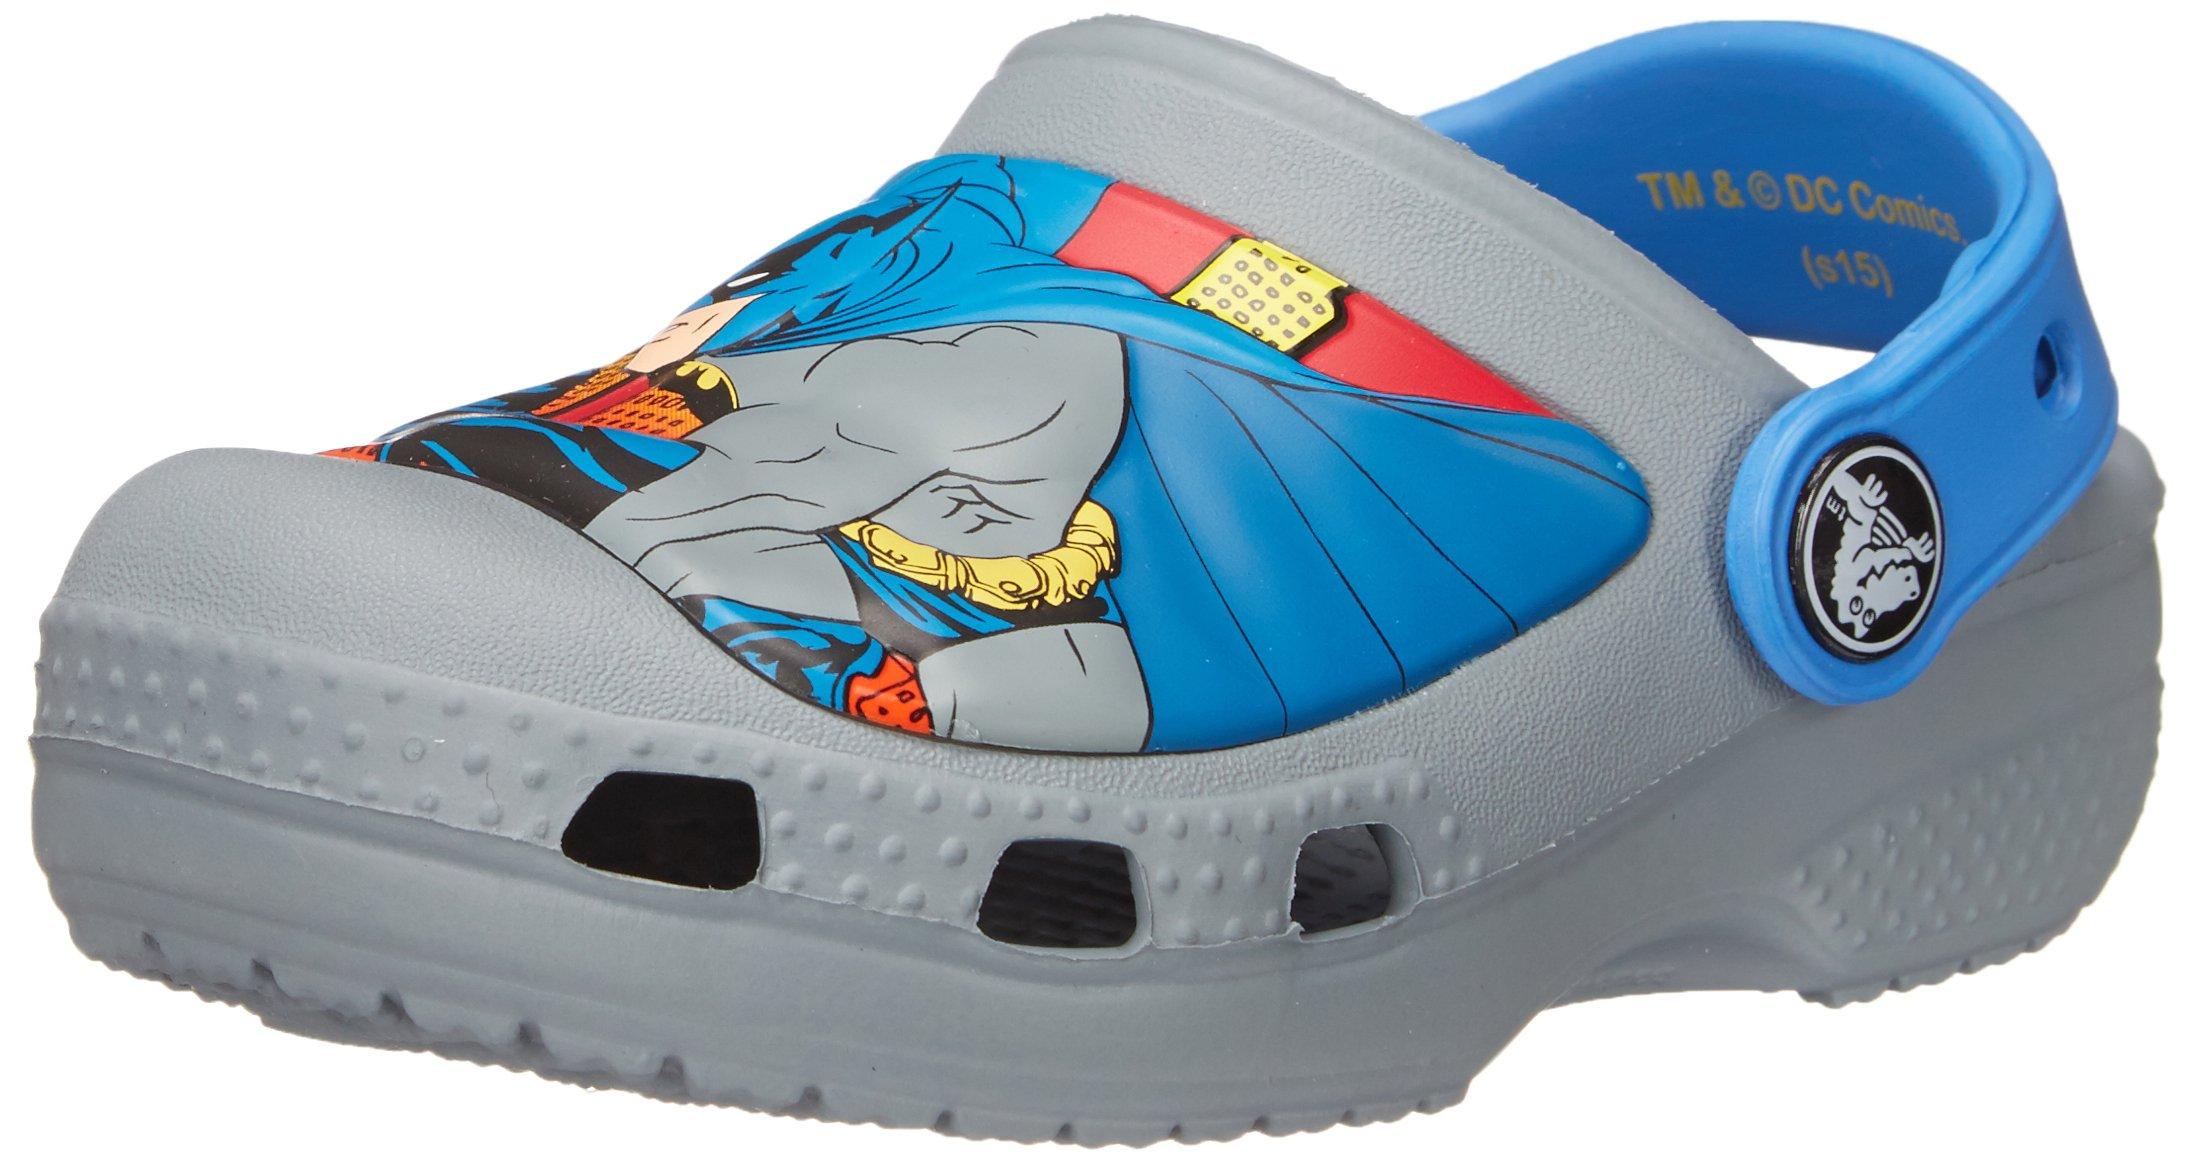 crocs CC Batman Clog (Infant/Toddler/Little Kid),Concrete,12 M US Little Kid by Crocs